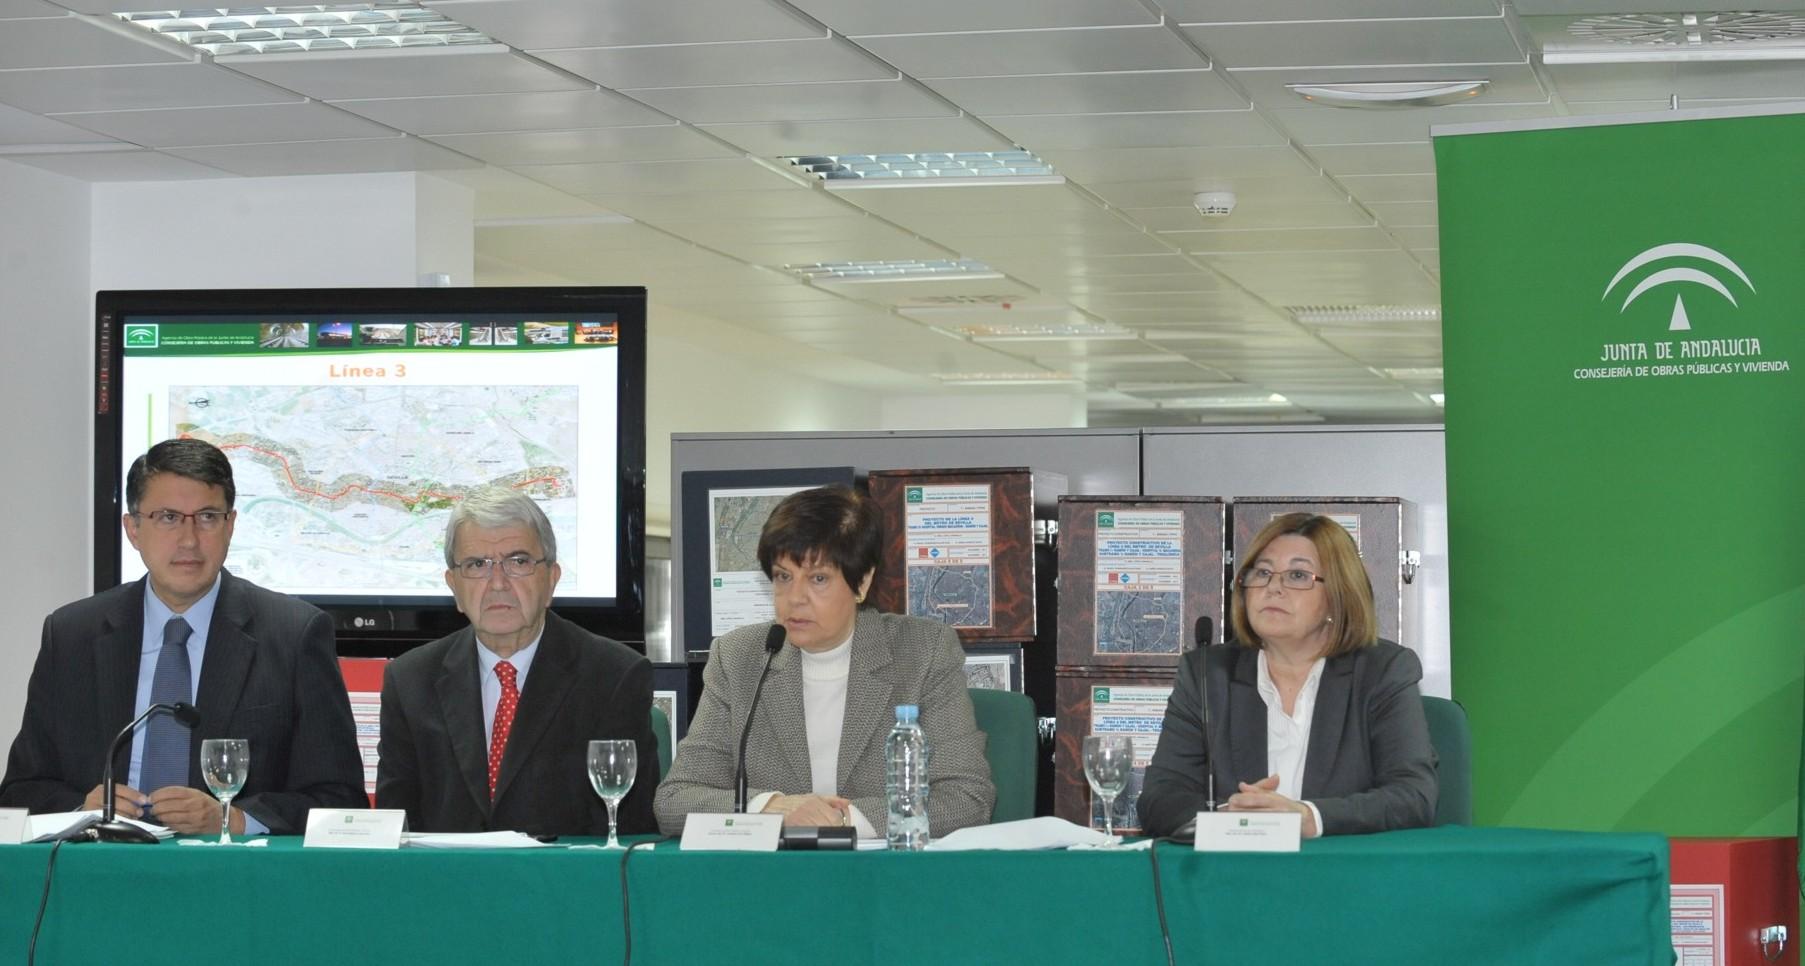 Los representantes de la Consejería de Obras Públicas y Vivienda presentan en rueda de prensa los proyectos finalizados.